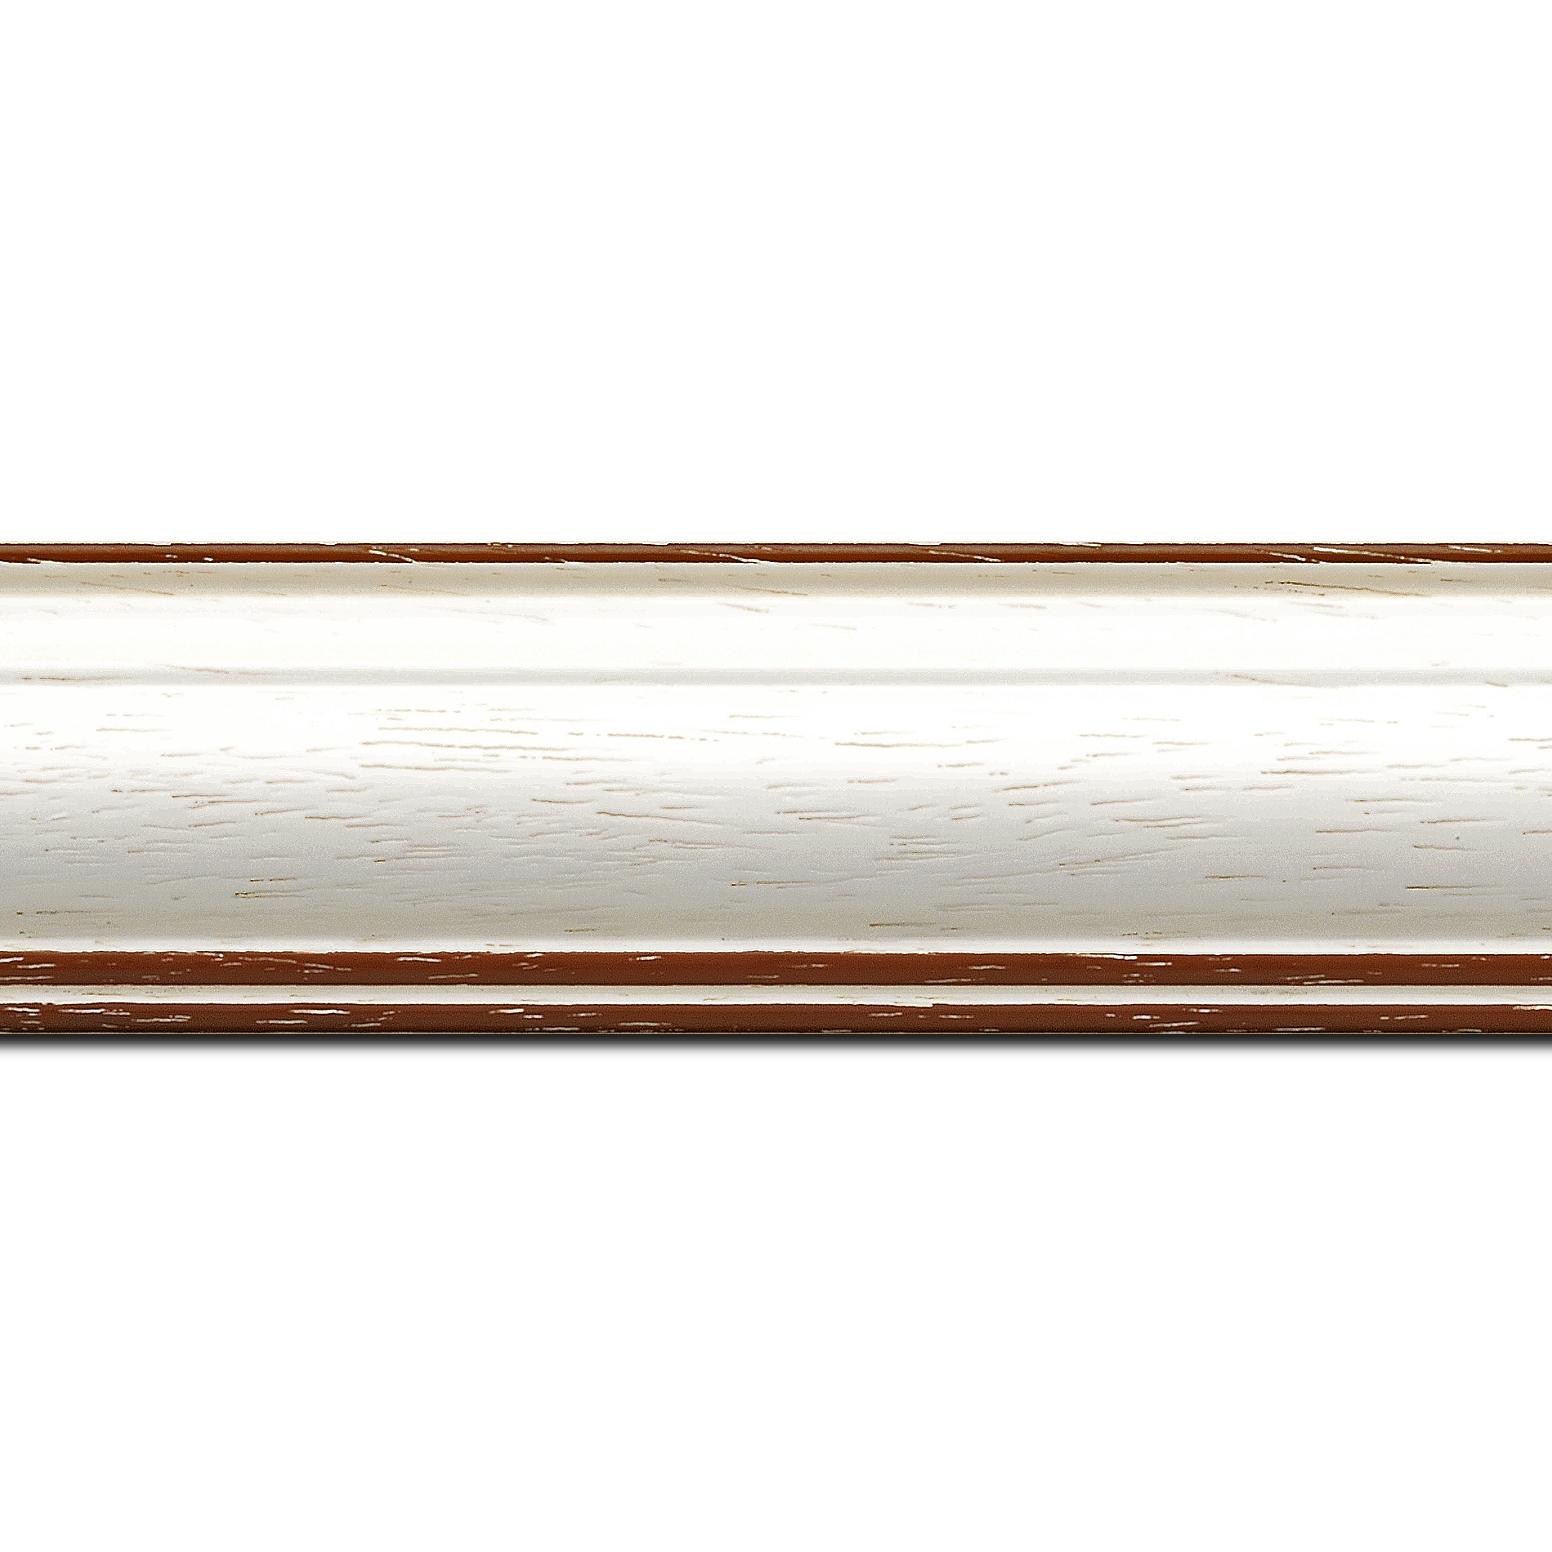 Baguette longueur 1.40m bois profil bombé largeur 5cm couleur blanchie satiné filet marron foncé